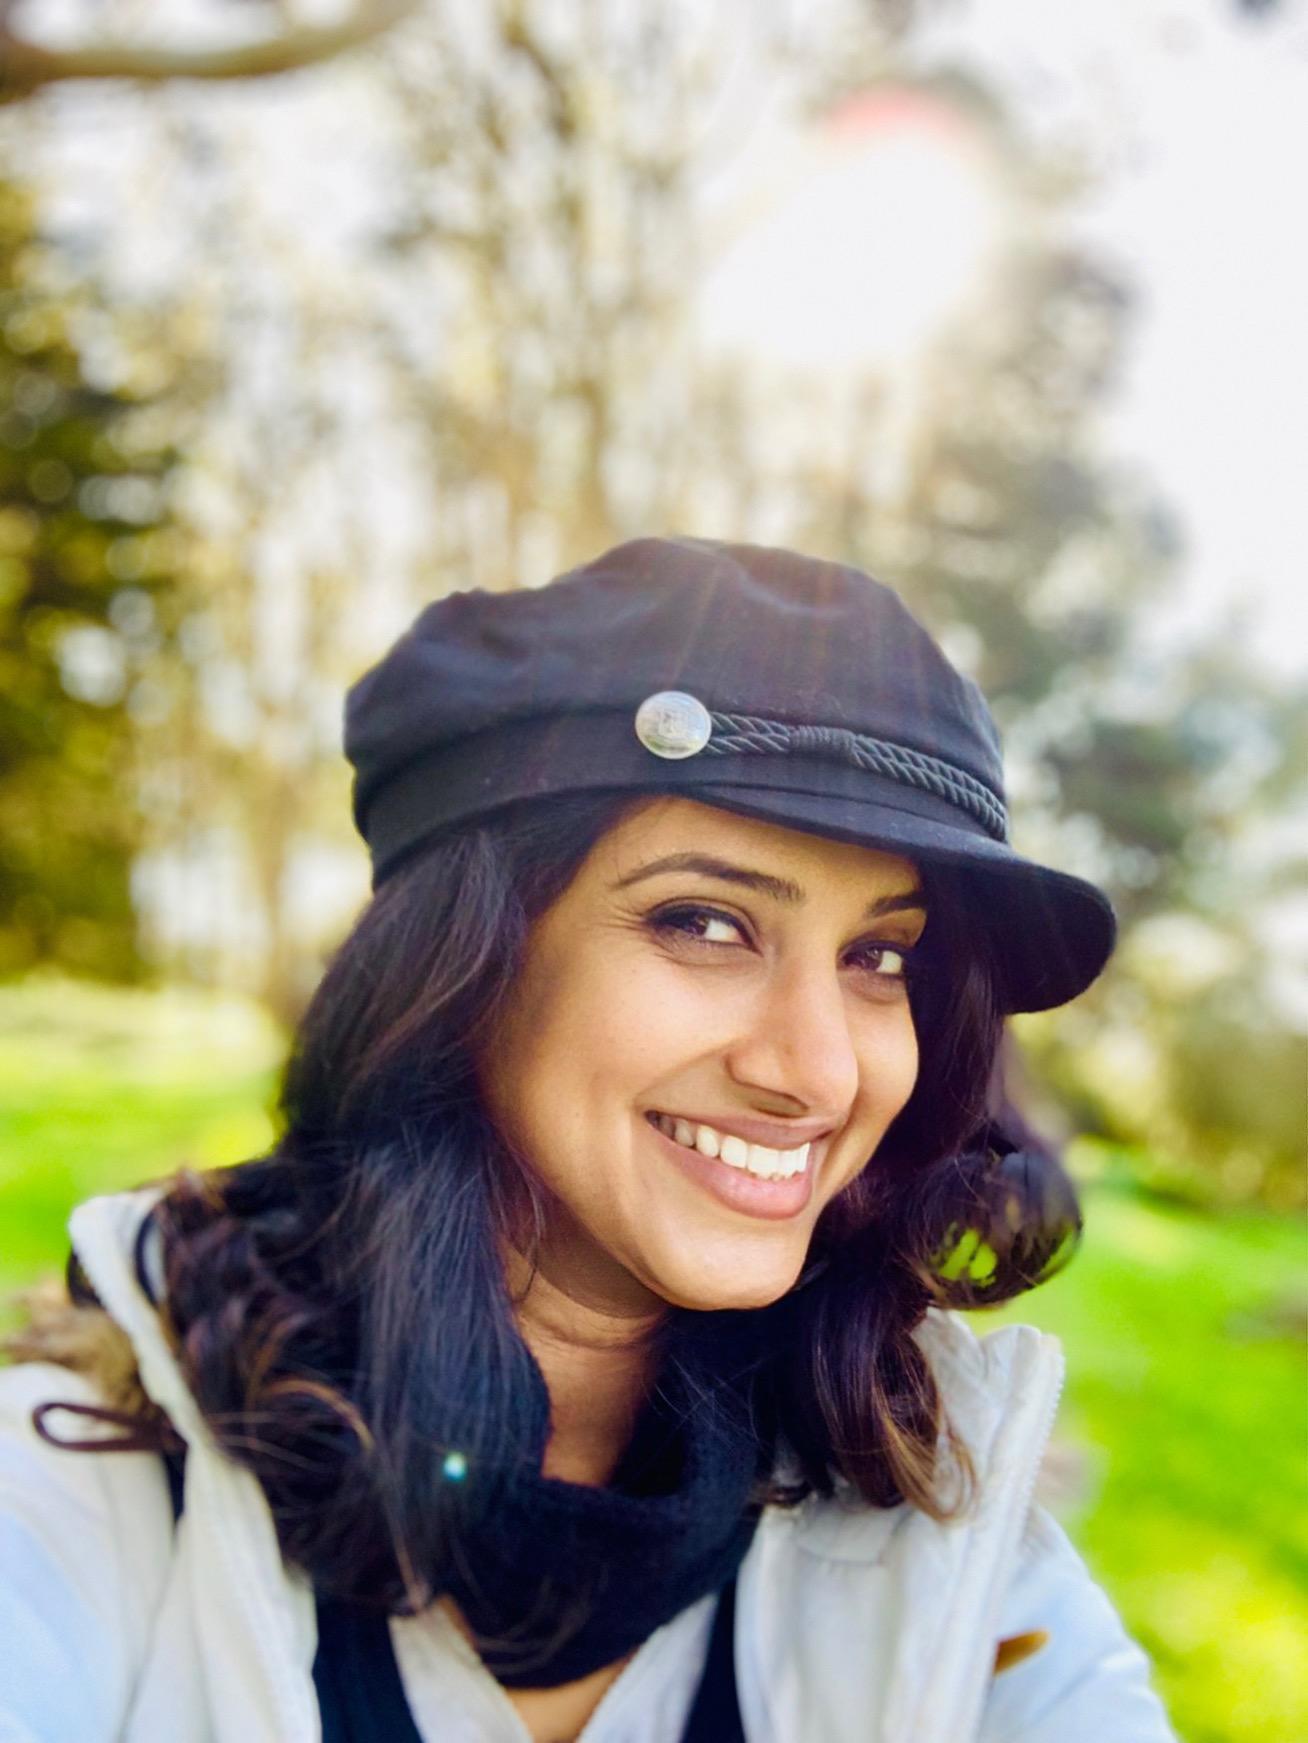 khyati travel influencer girl smiling